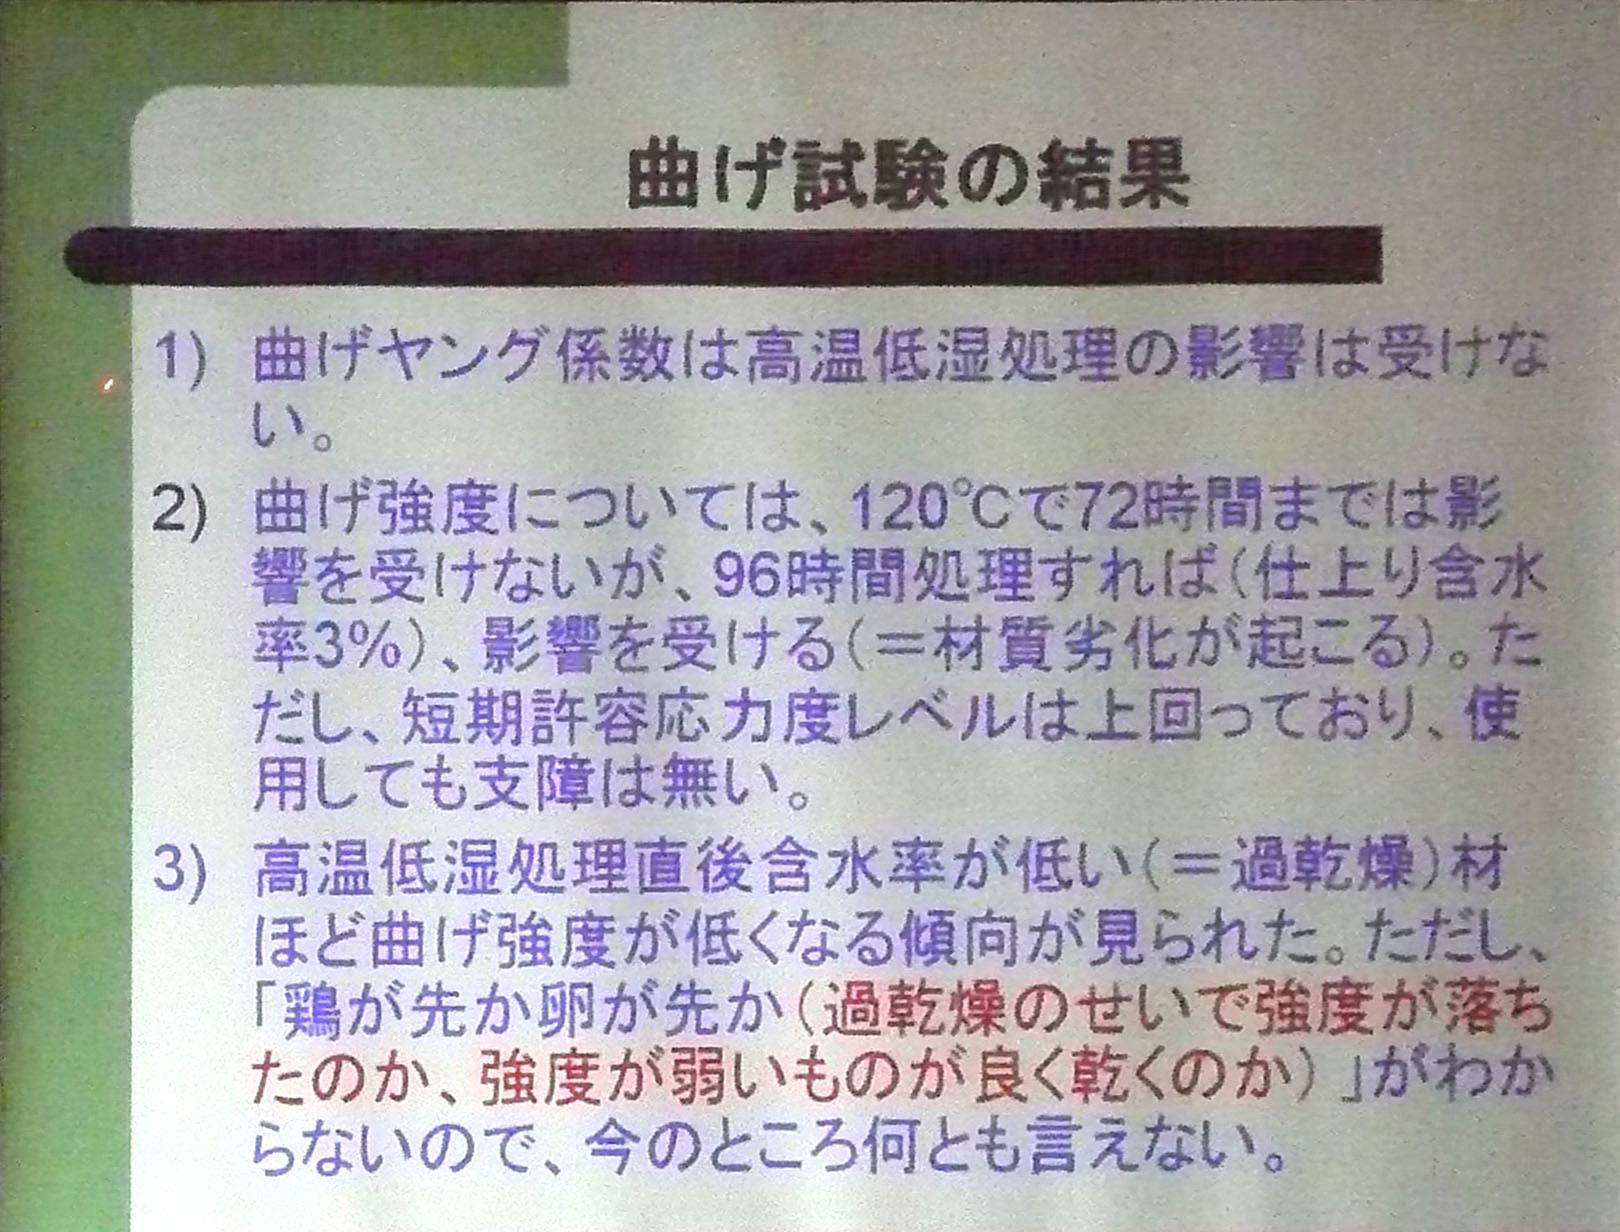 高温低湿乾燥と強度 2 岡崎泰男准教授_e0054299_1272930.jpg